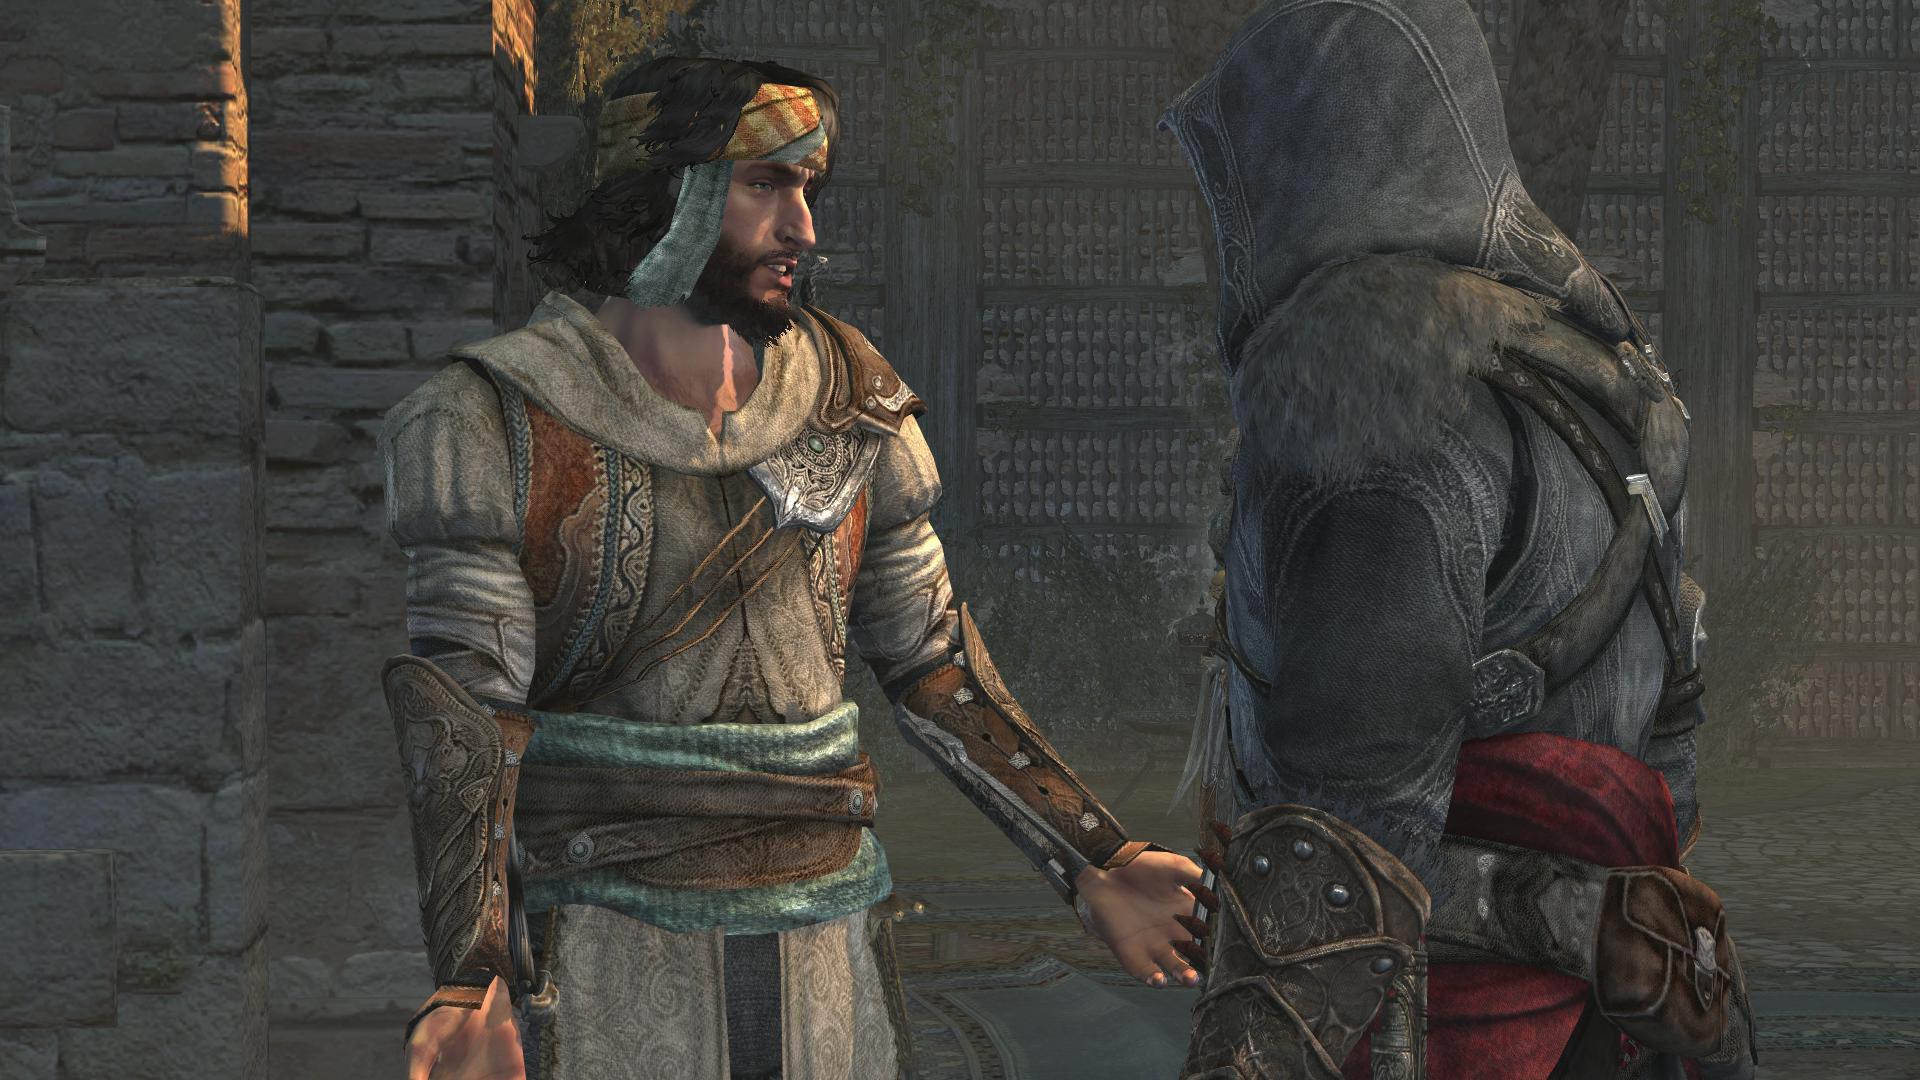 The Hookblade Assassin S Creed Wiki Fandom